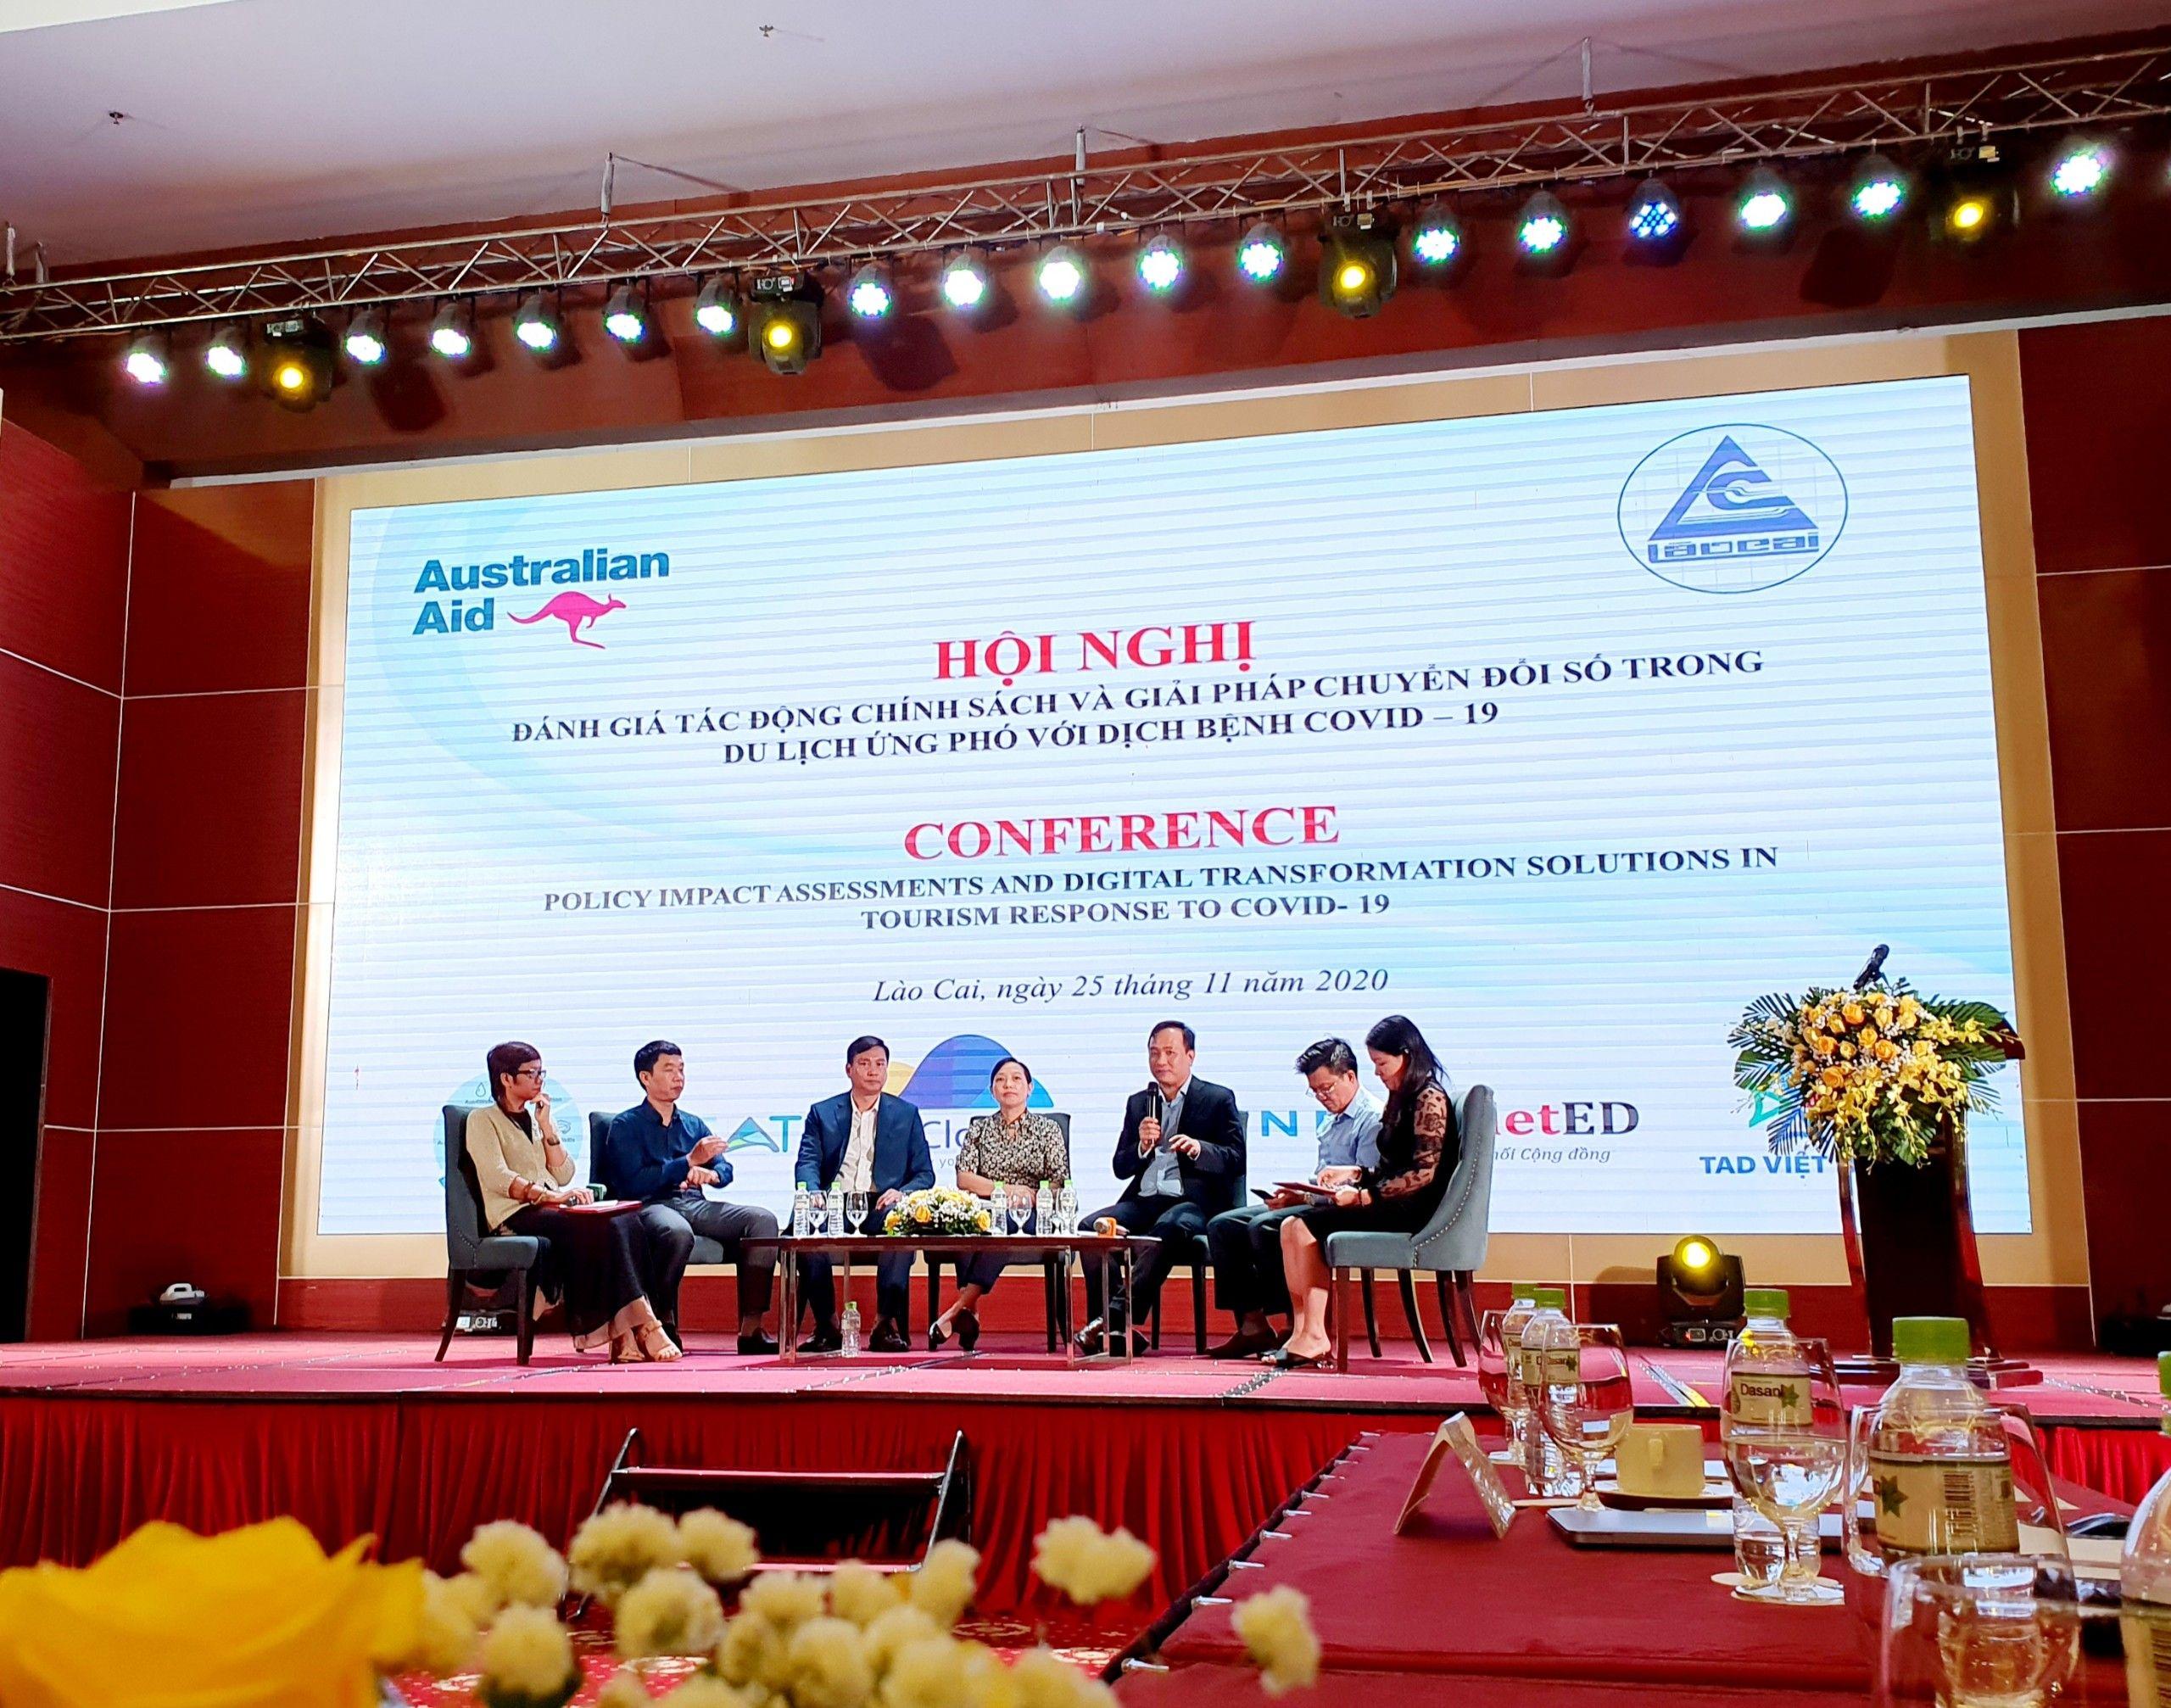 ezCloud kết hợp với UBND tỉnh Lào Cai tổ chức hội nghị Đẩy mạnh Chuyển đổi số trong du lịch